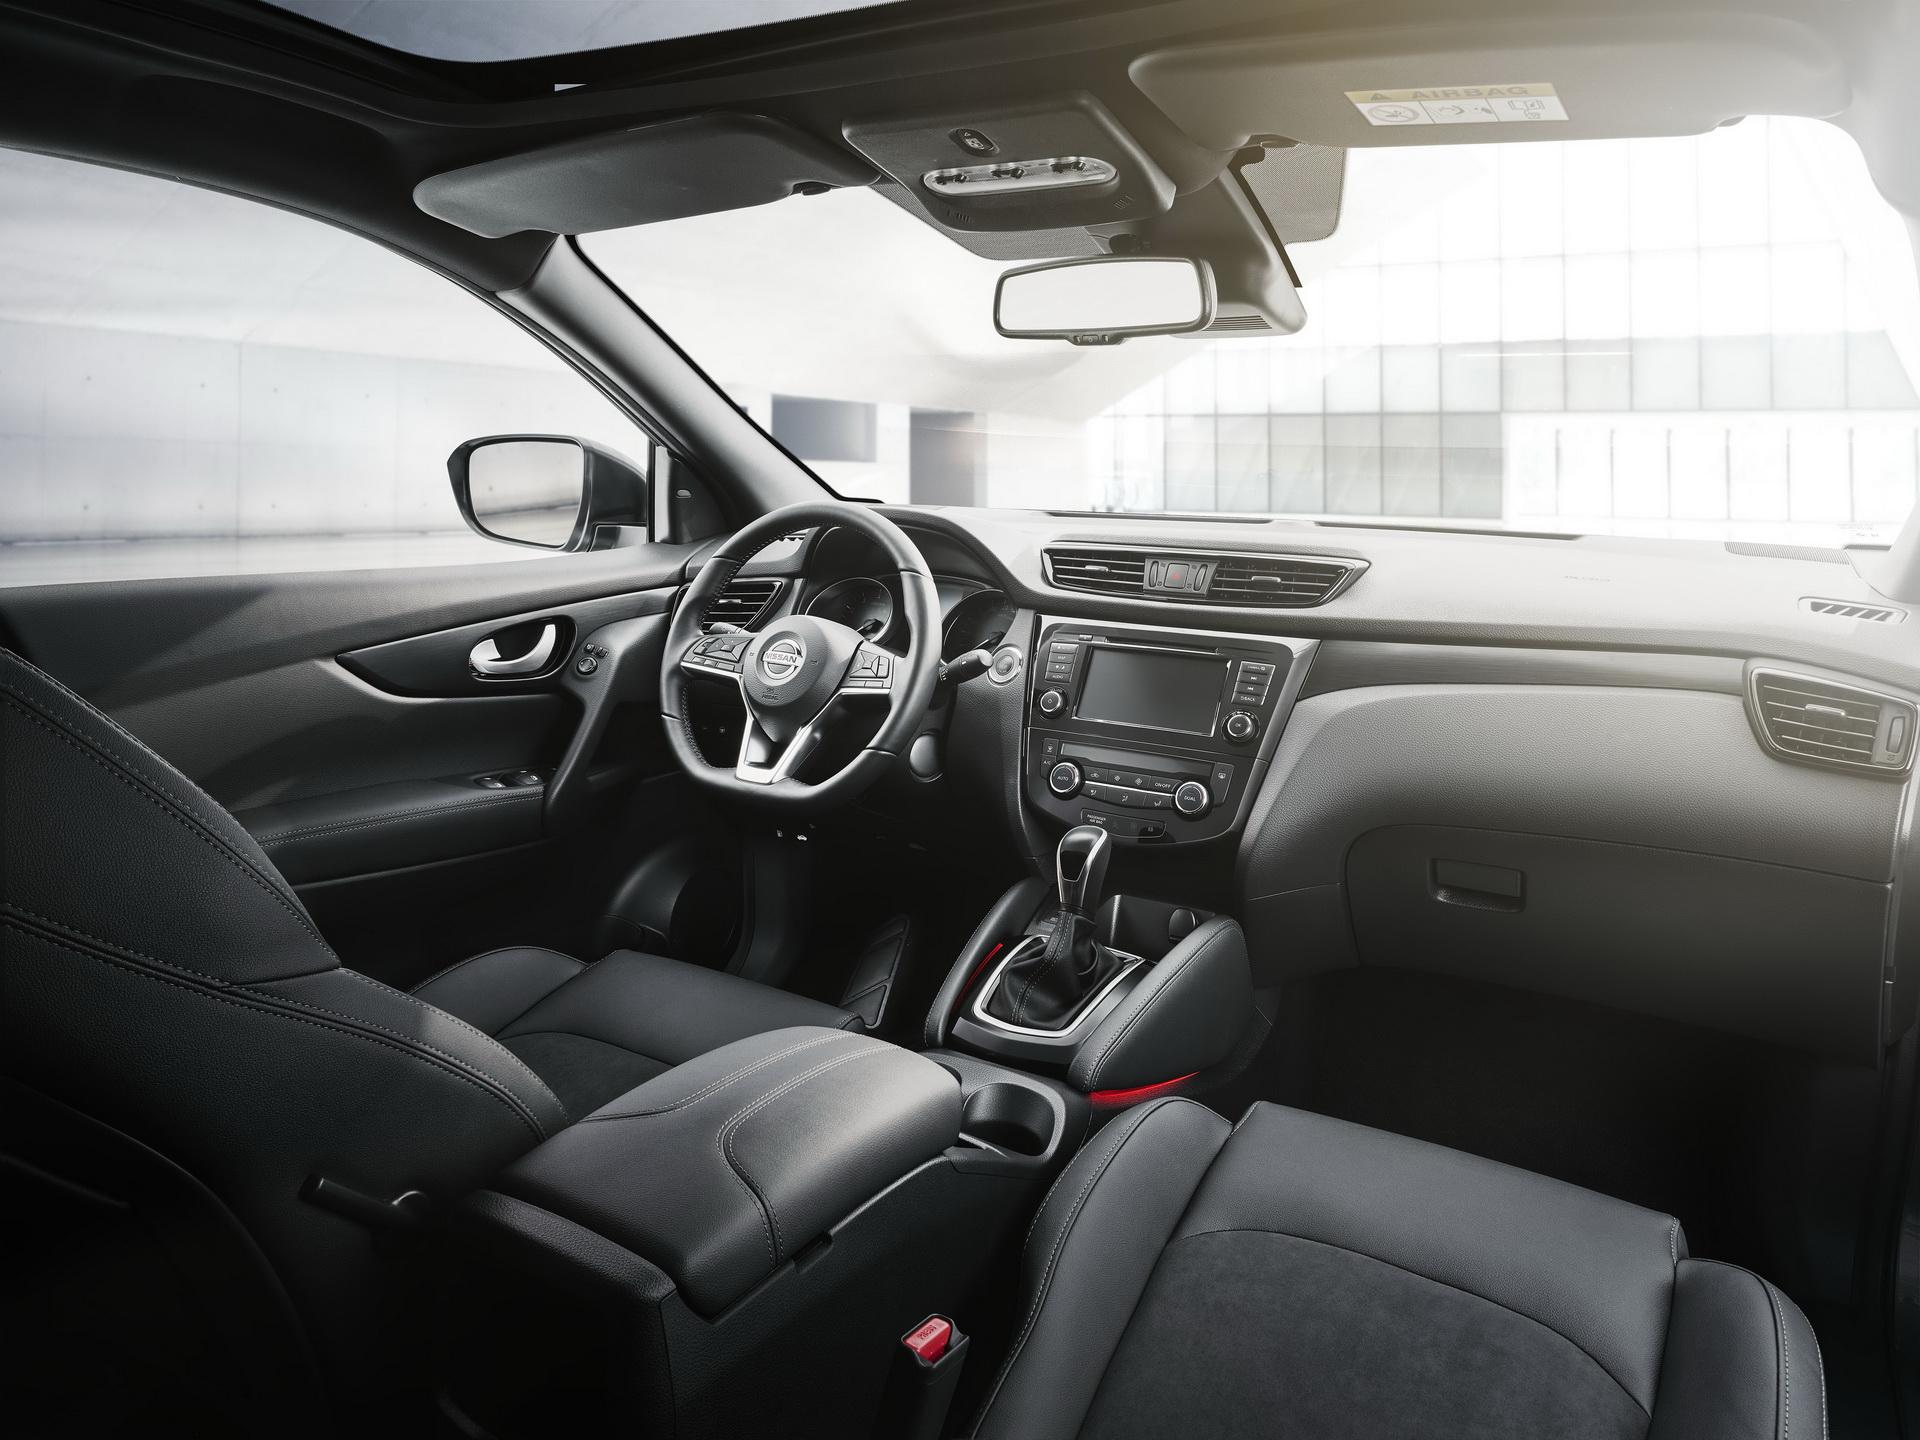 Nissan Version N Tec 2020 (11)